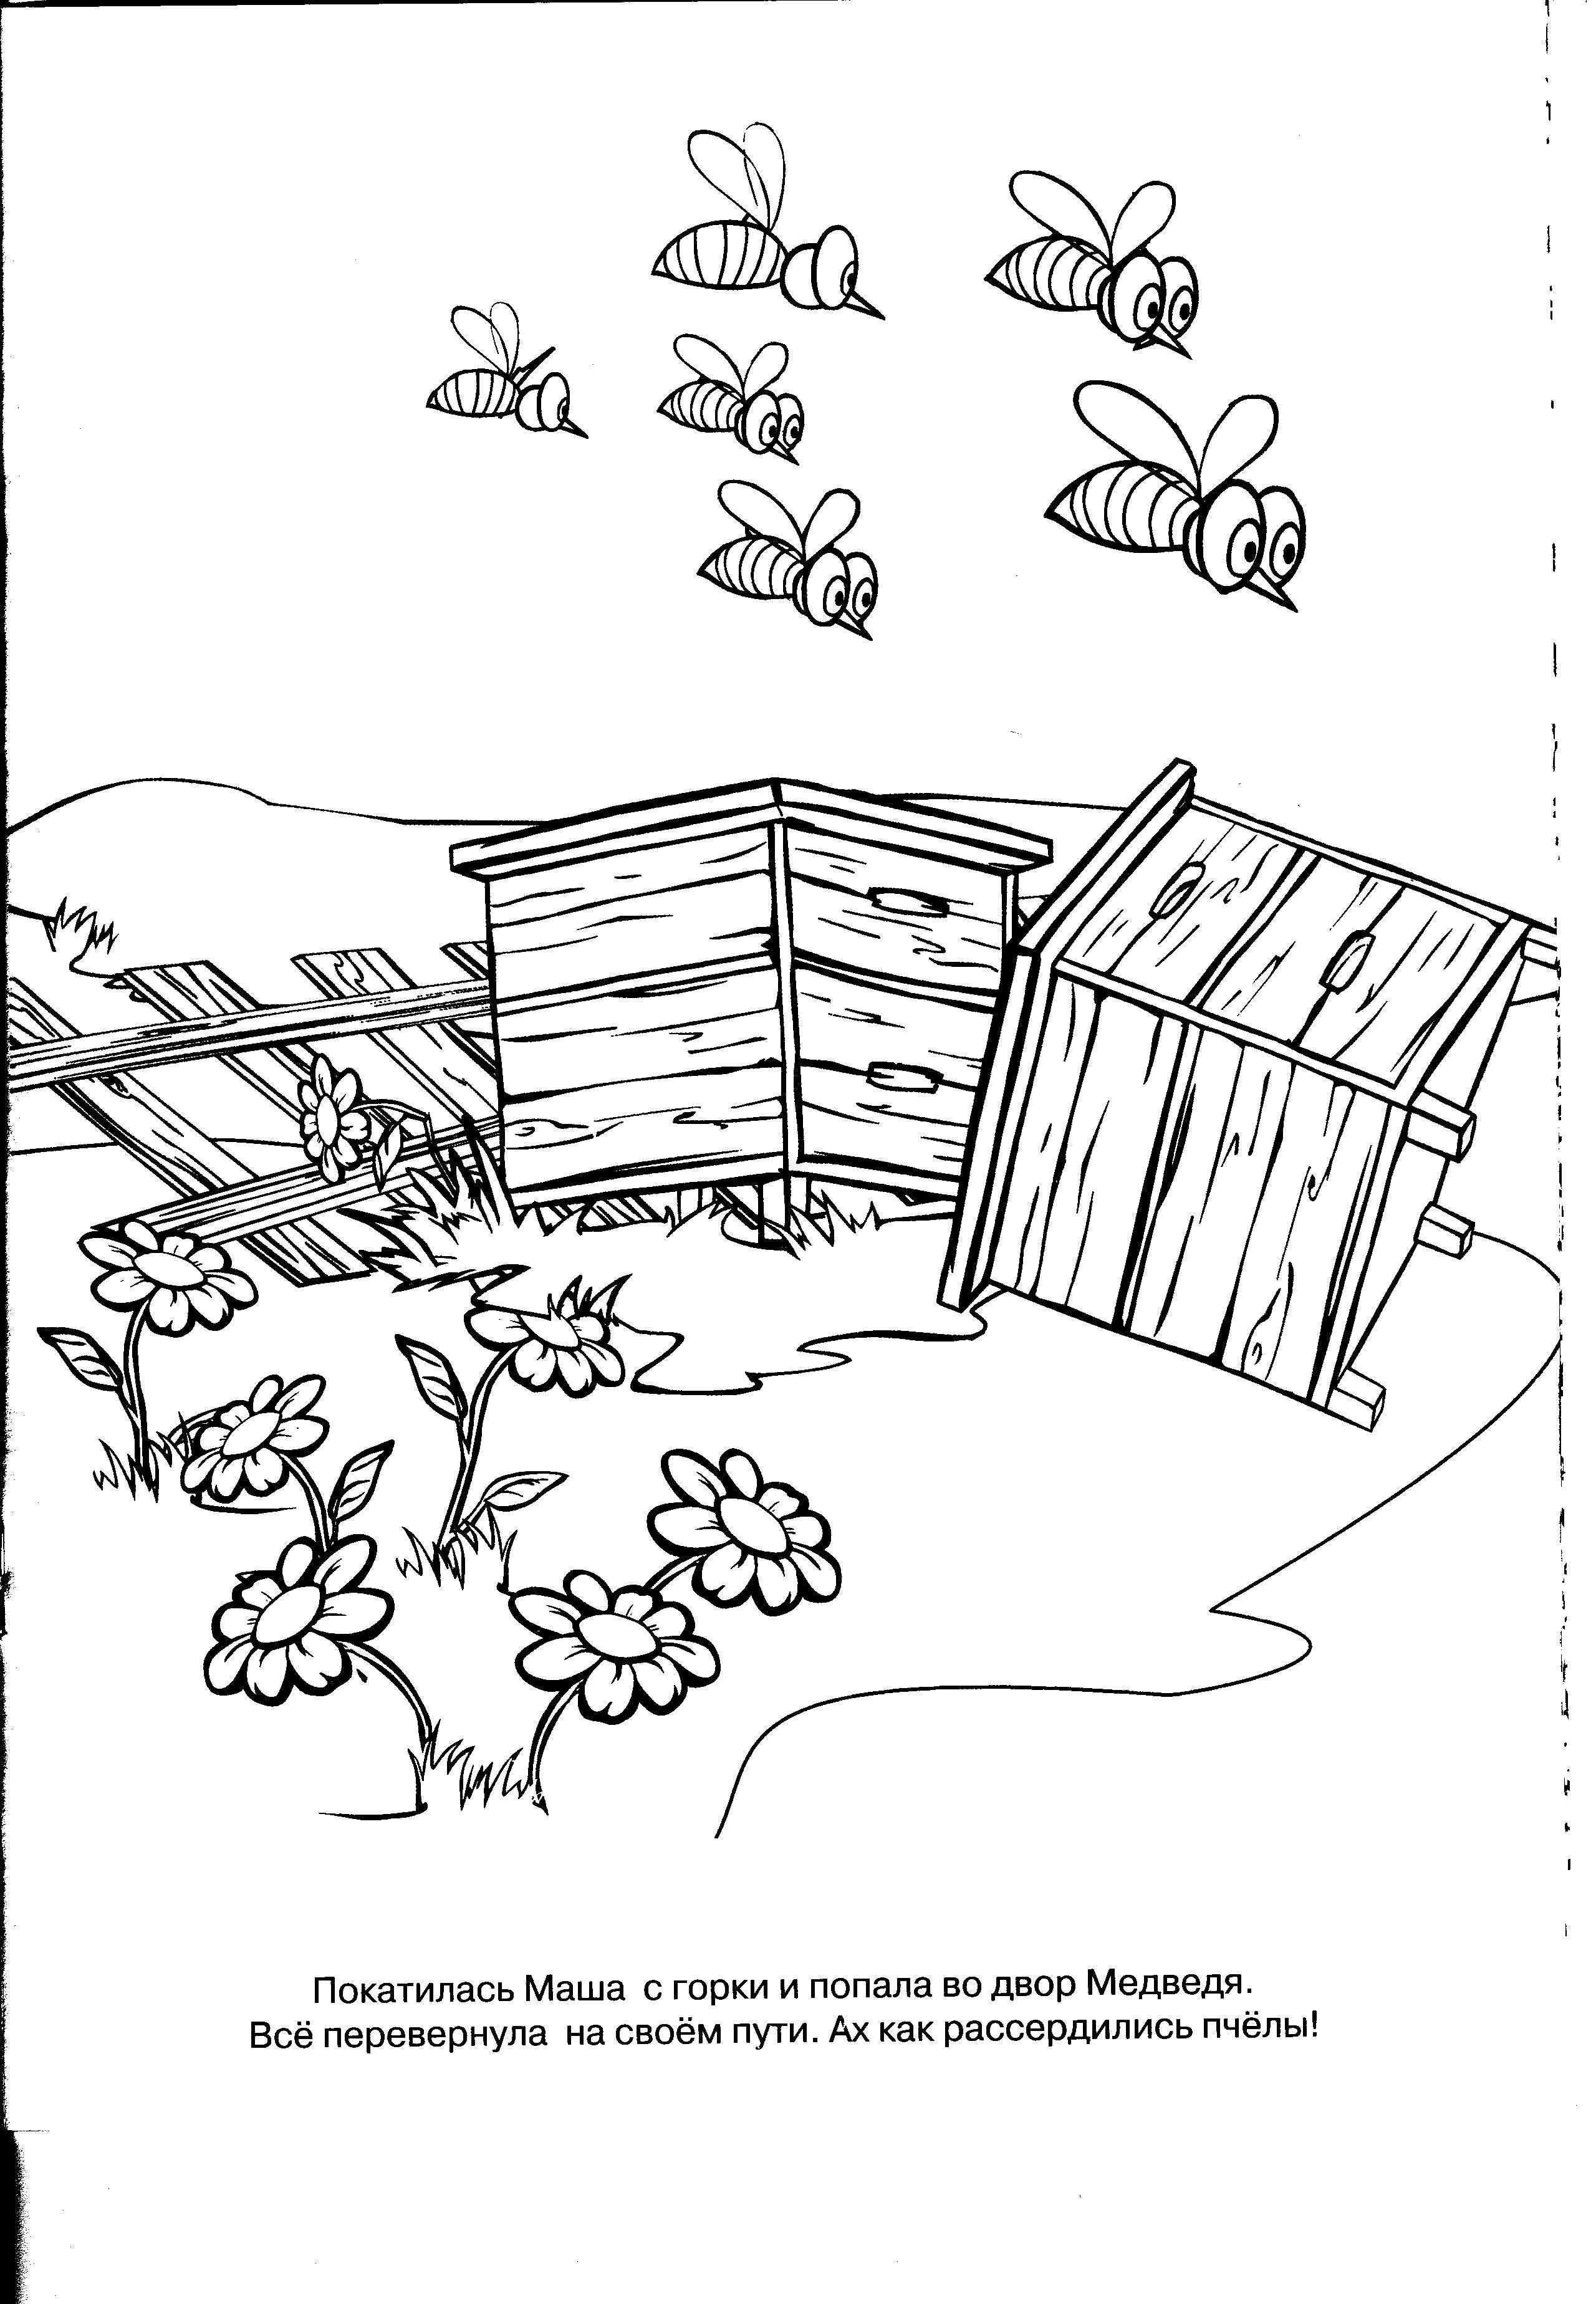 Рисунок улья из мультфильмов 6